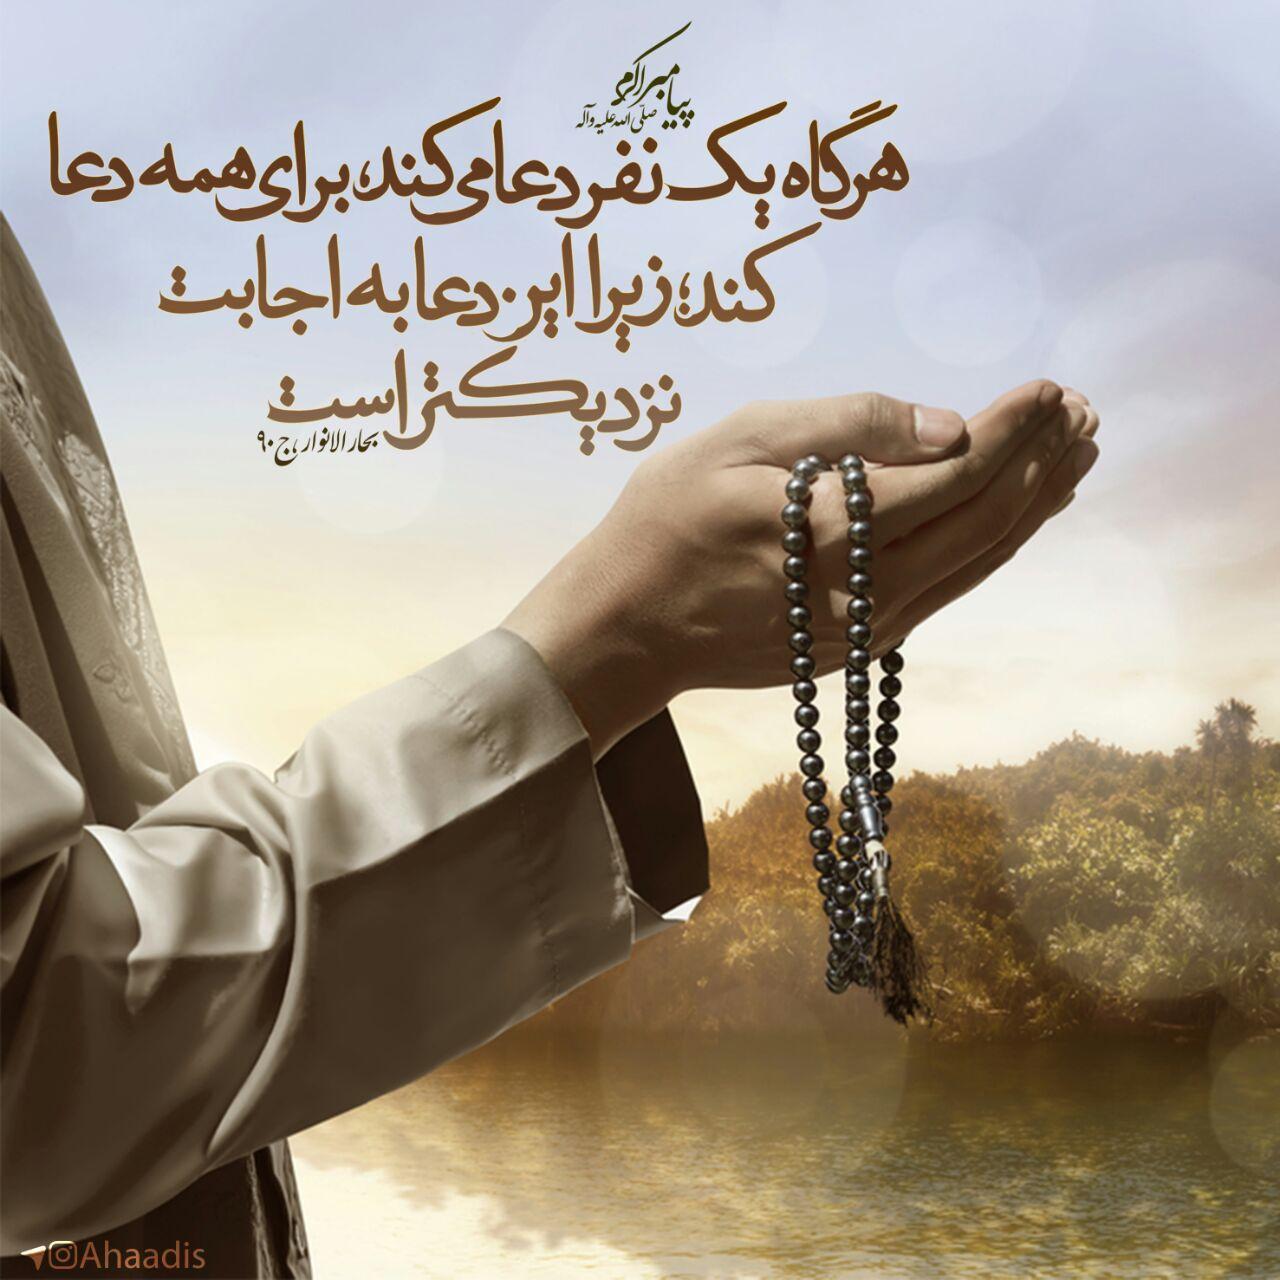 دعا و ذکر برای آرامش و خواب راحت